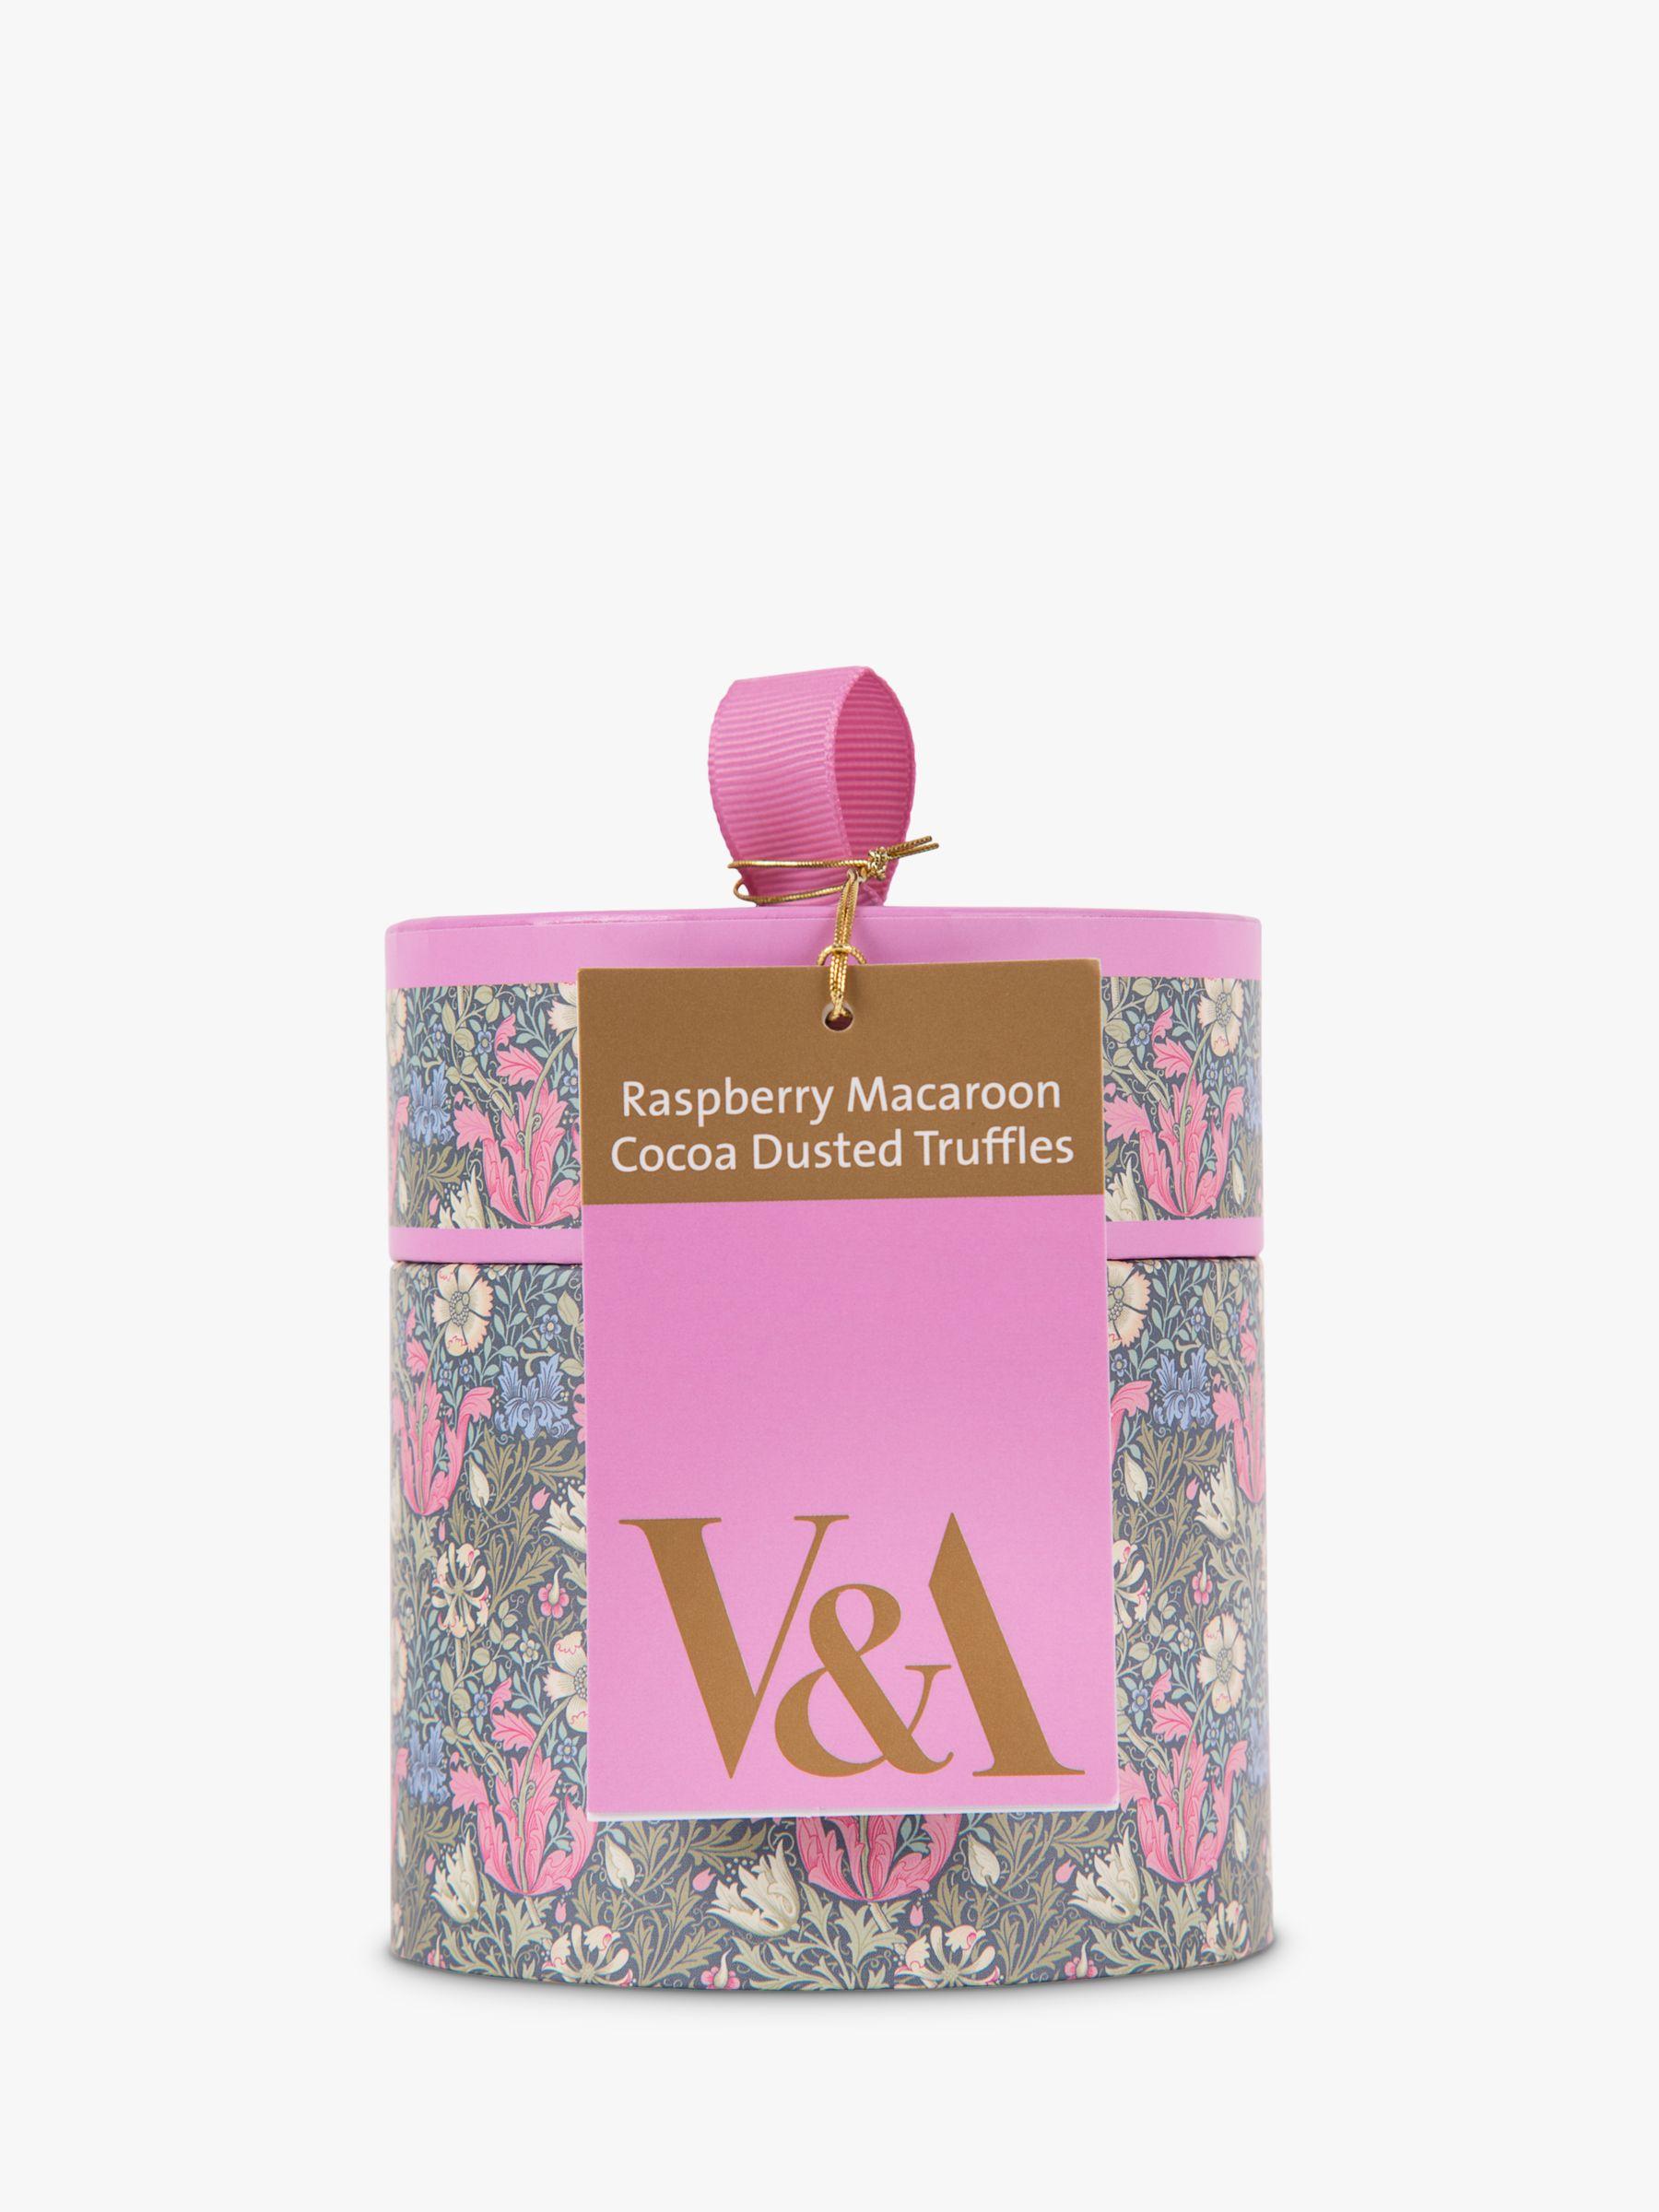 V&A V&A Raspberry Macaroon Truffles, 100g